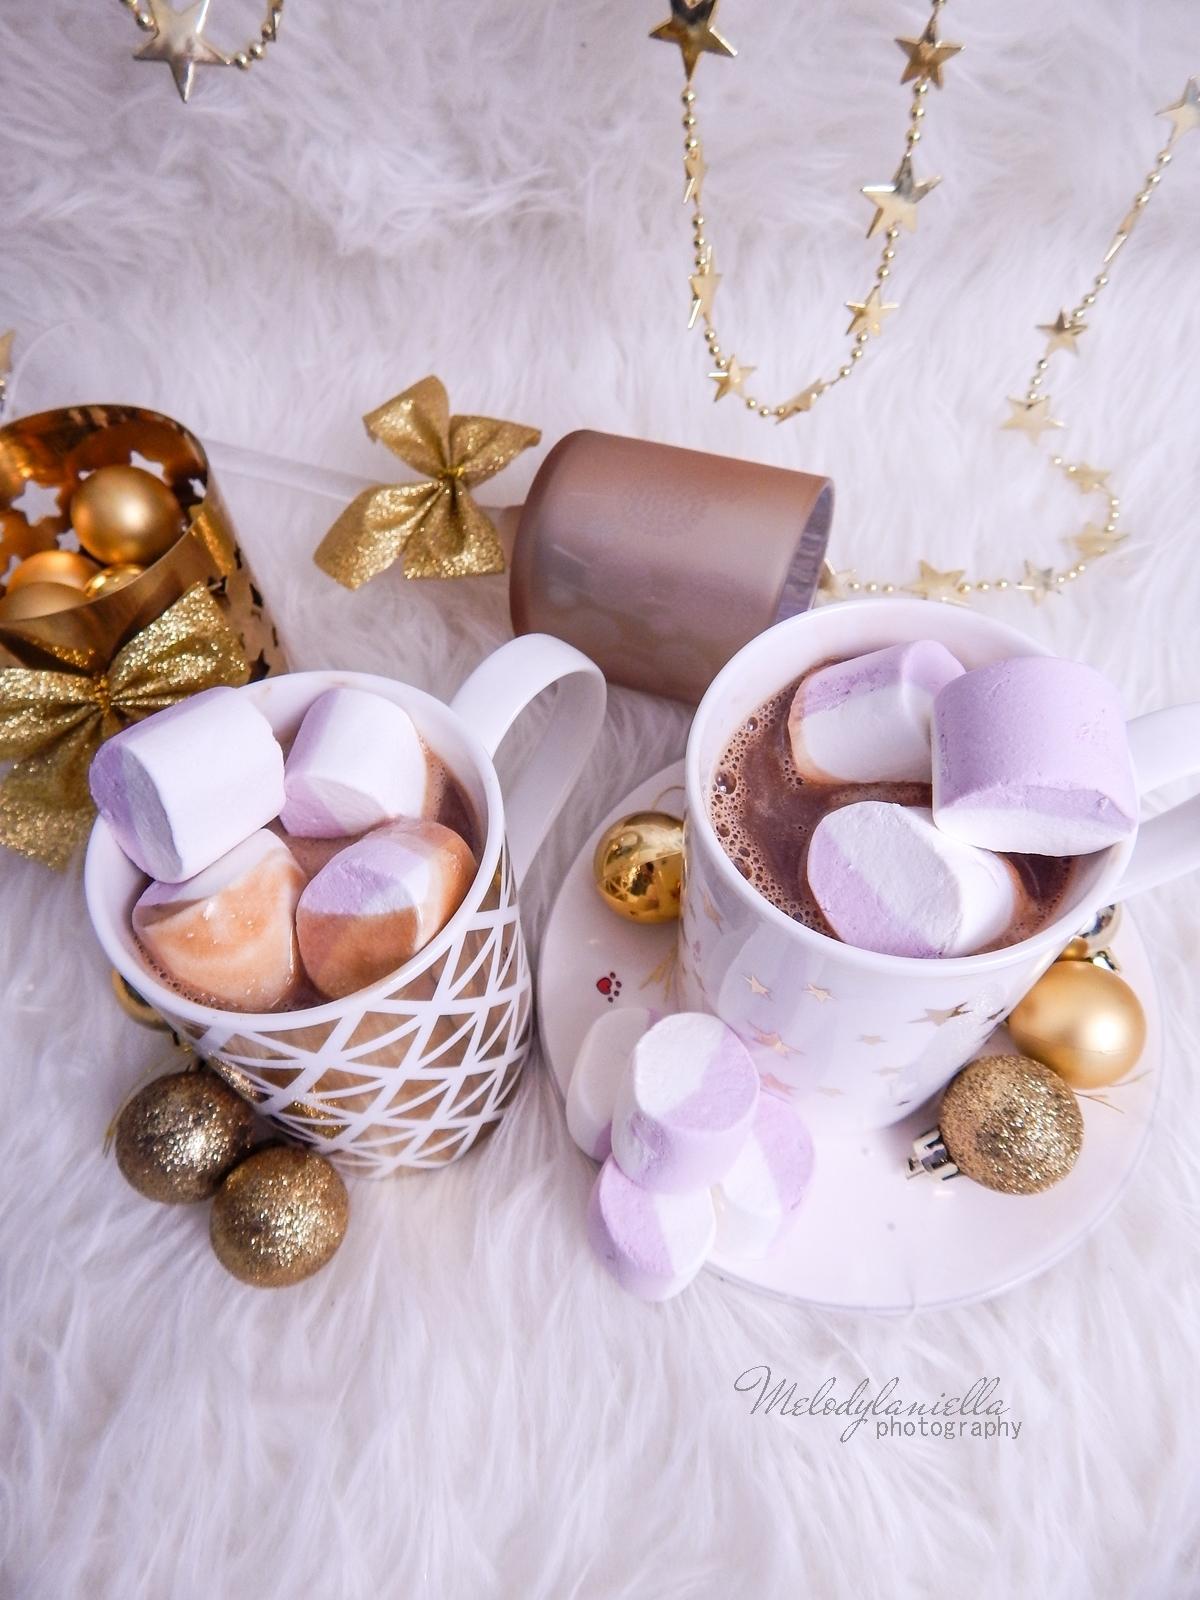 15  przepis na domową gorącą czekoladę świąteczne zimowe napoje ciekawe slodycze na Boże Narodzenie karnawal Sylwestra imprezy pianki jojo melodylaniella  kakao